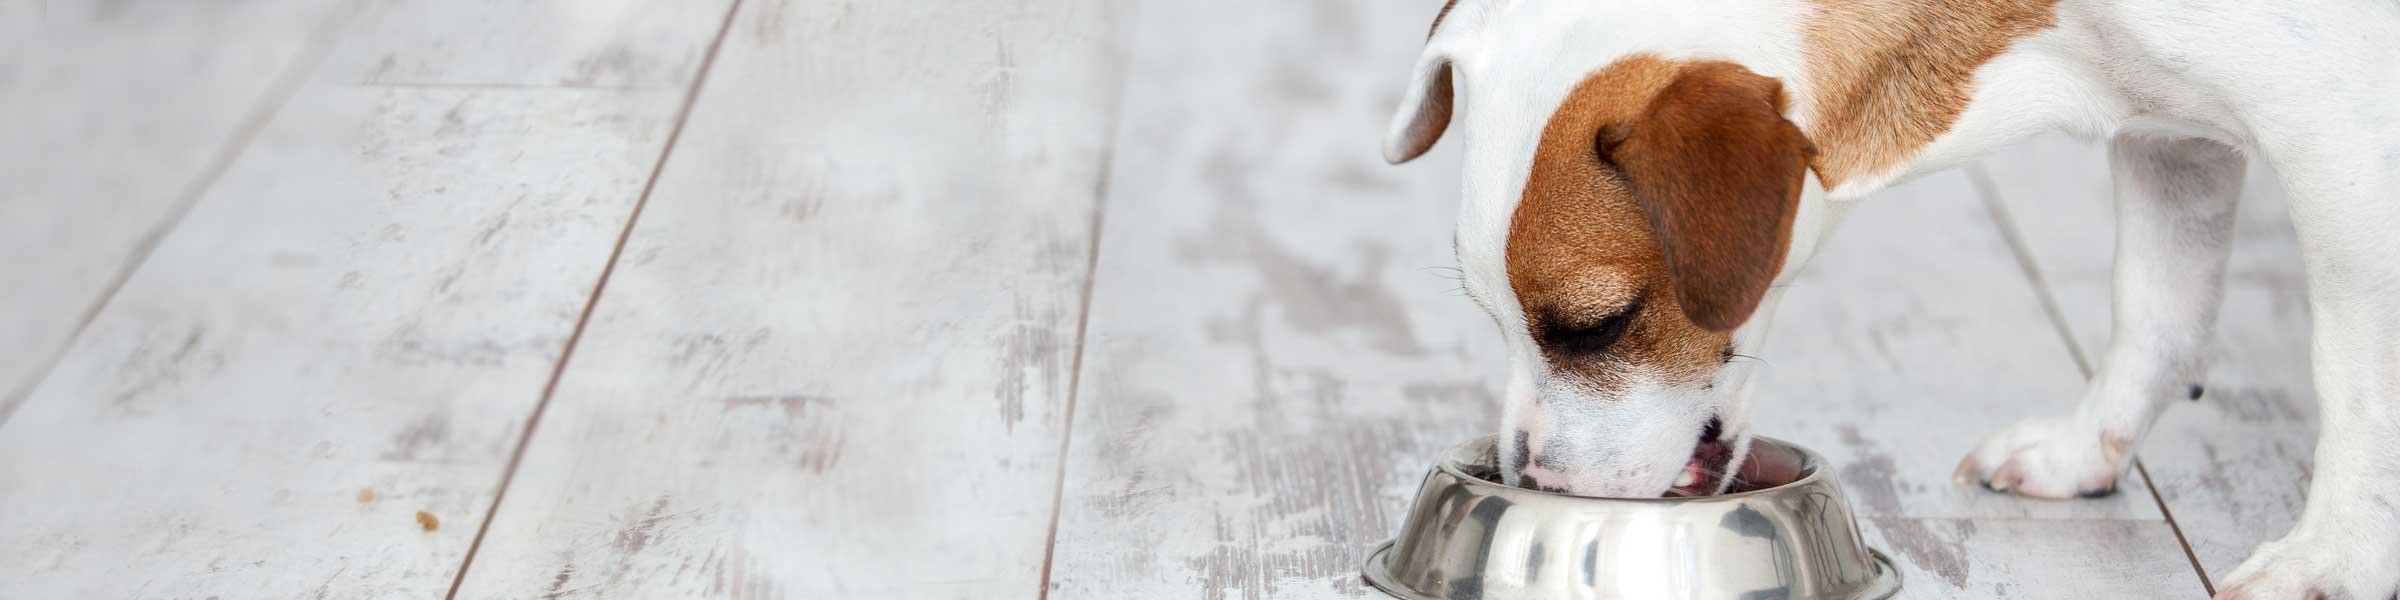 hundefutter online bestellen nat rlich in top qualit t dehner. Black Bedroom Furniture Sets. Home Design Ideas